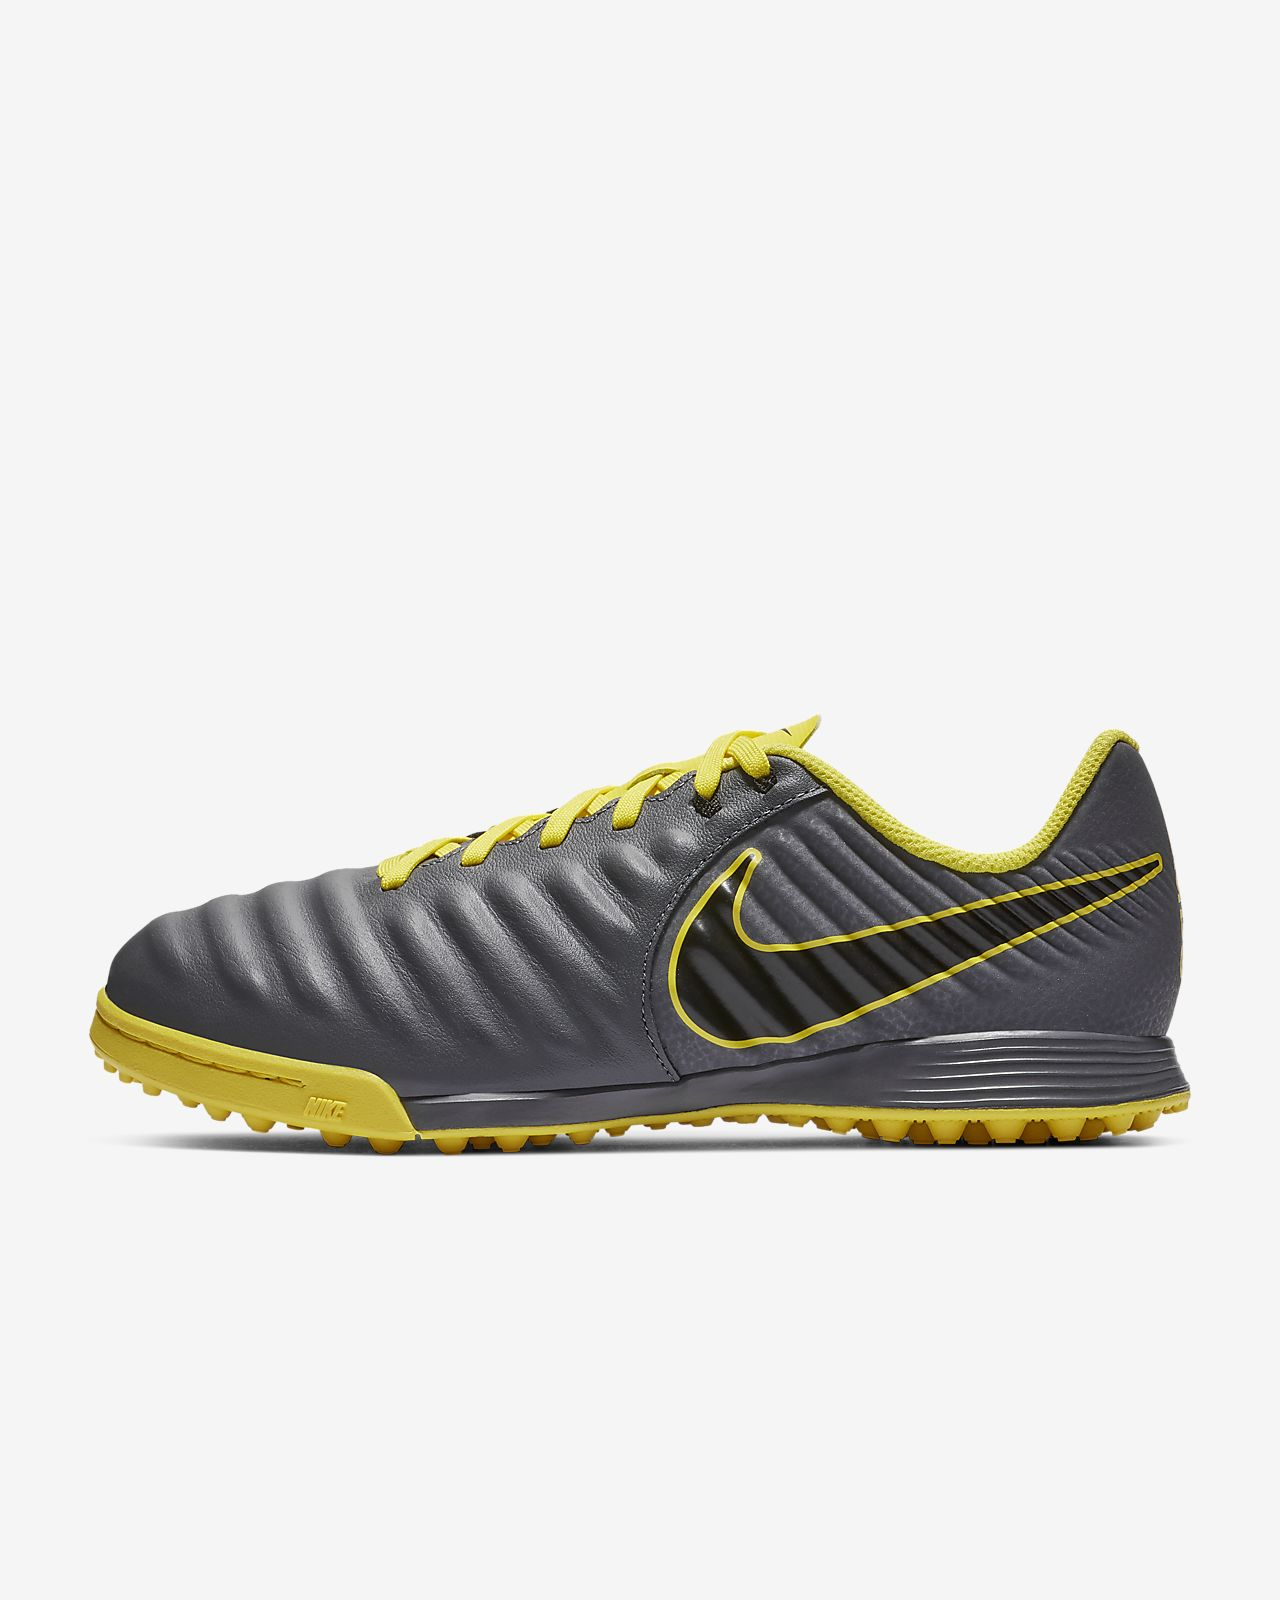 Fotbollssko för grus/turf Nike Jr. Tiempo Legend VII Academy för barn/ungdom